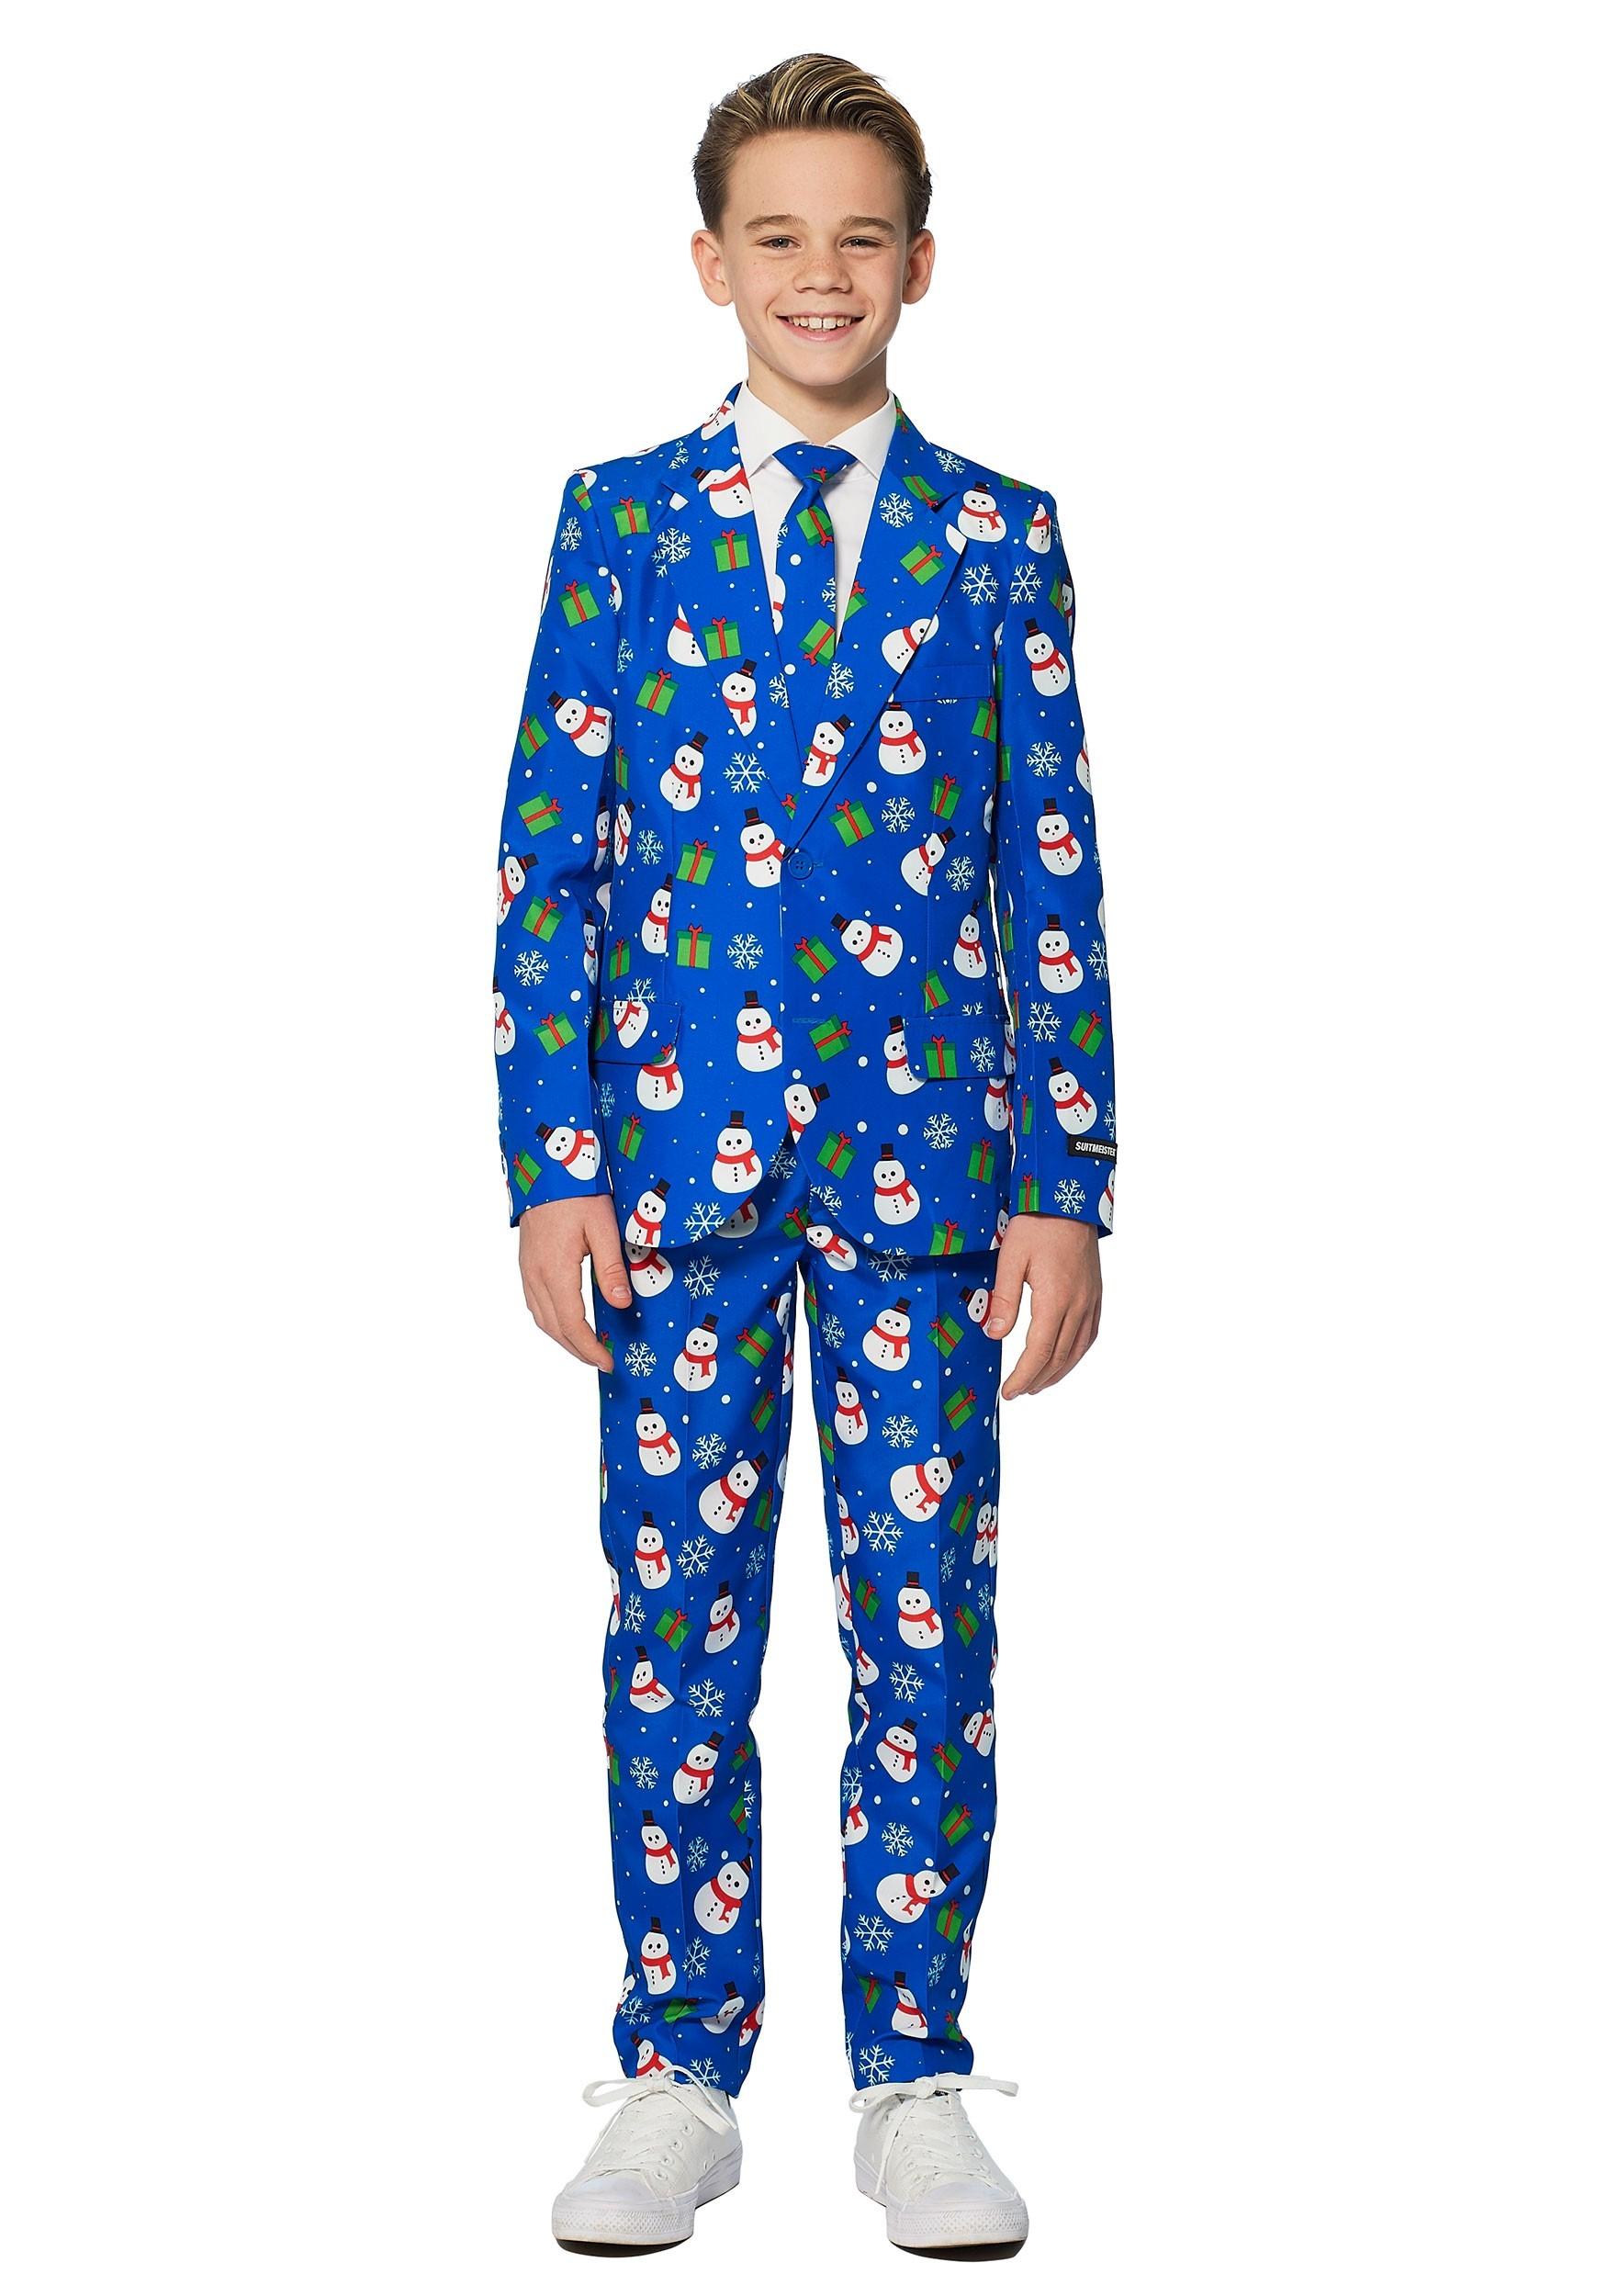 Blue Snowman Boy's Suitmeister Suit